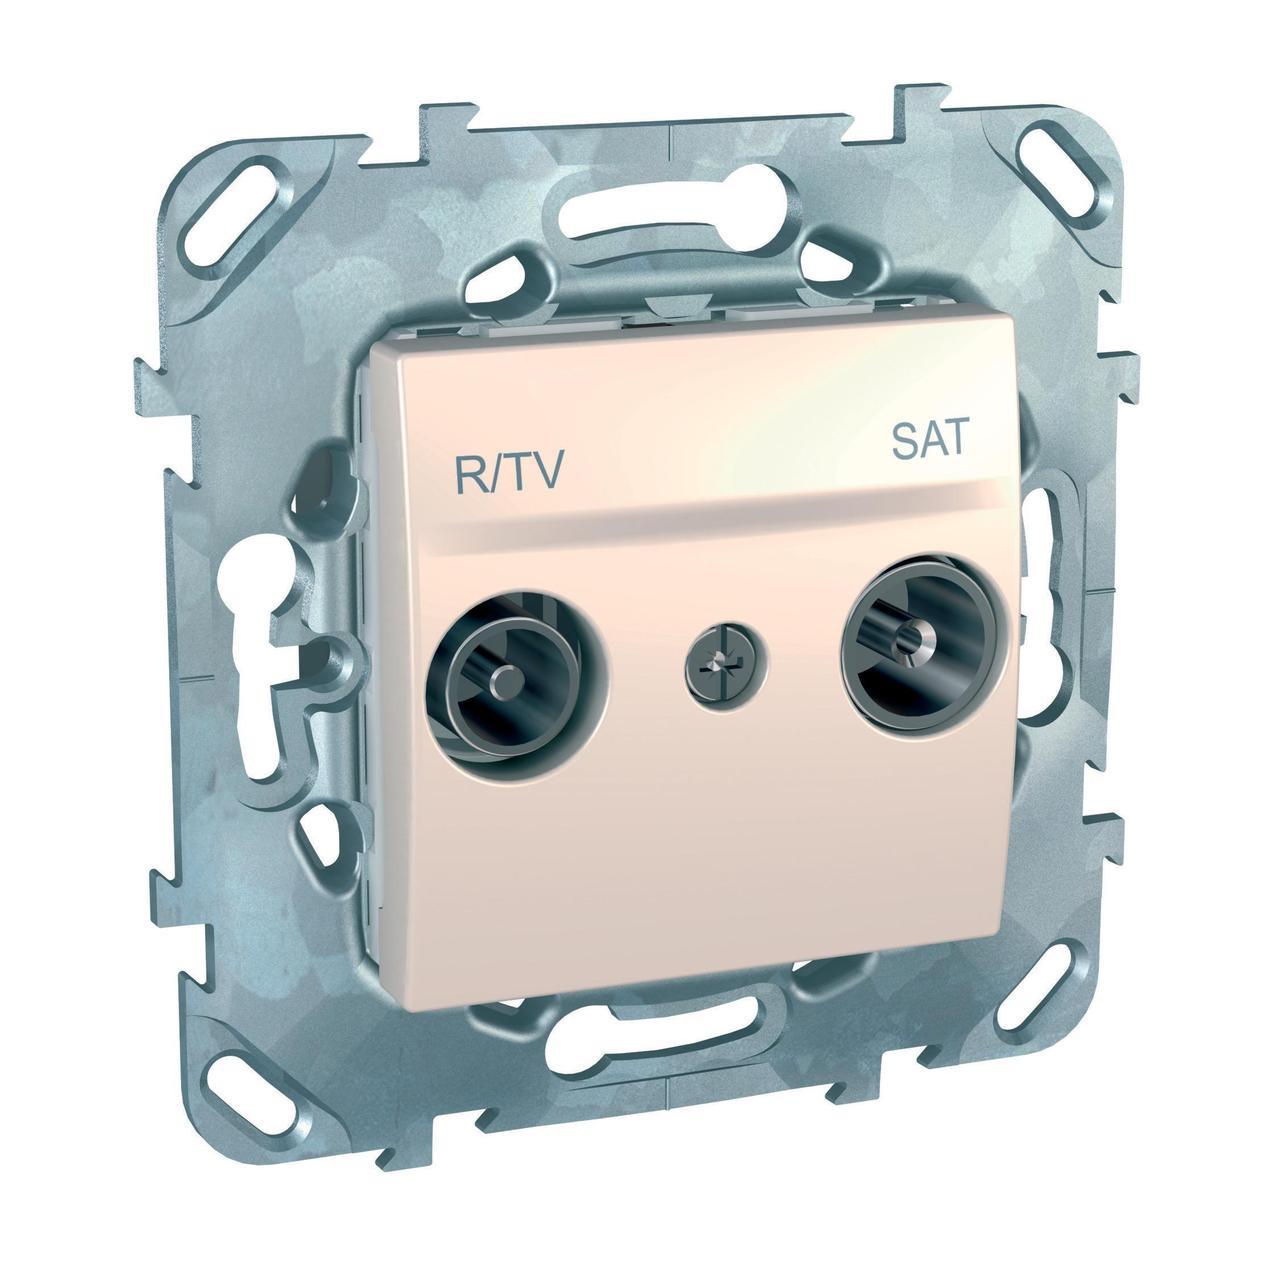 Розетка телевизионная проходная ТV-FМ-SАТ , Бежевый, серия Unica, Schneider Electric